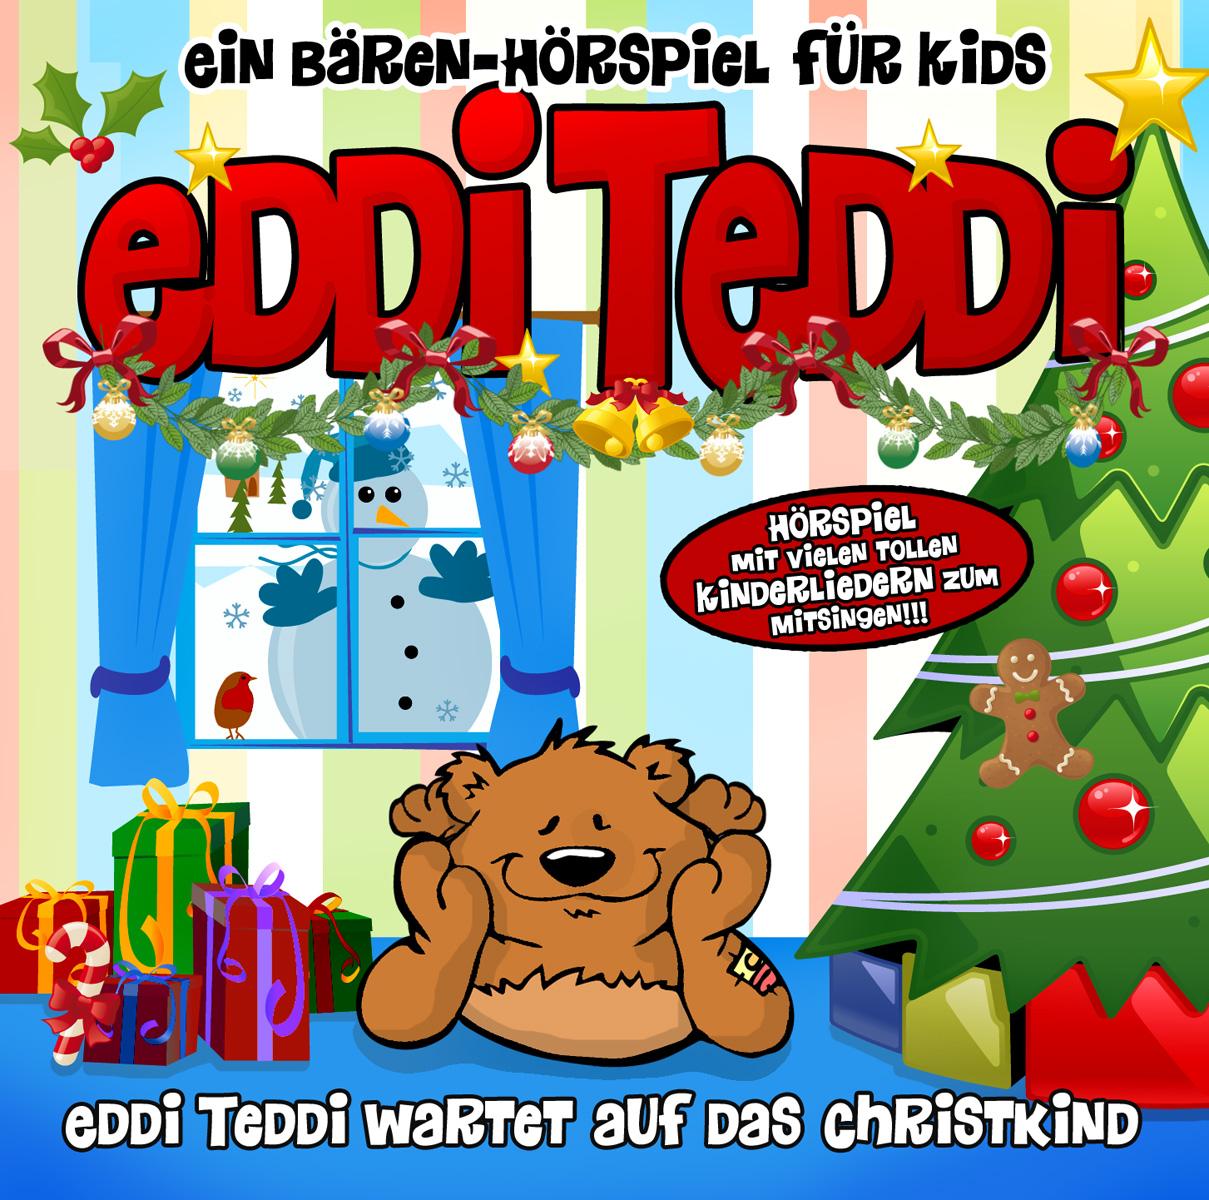 Eddi Teddi Wartet Auf Das Christkind